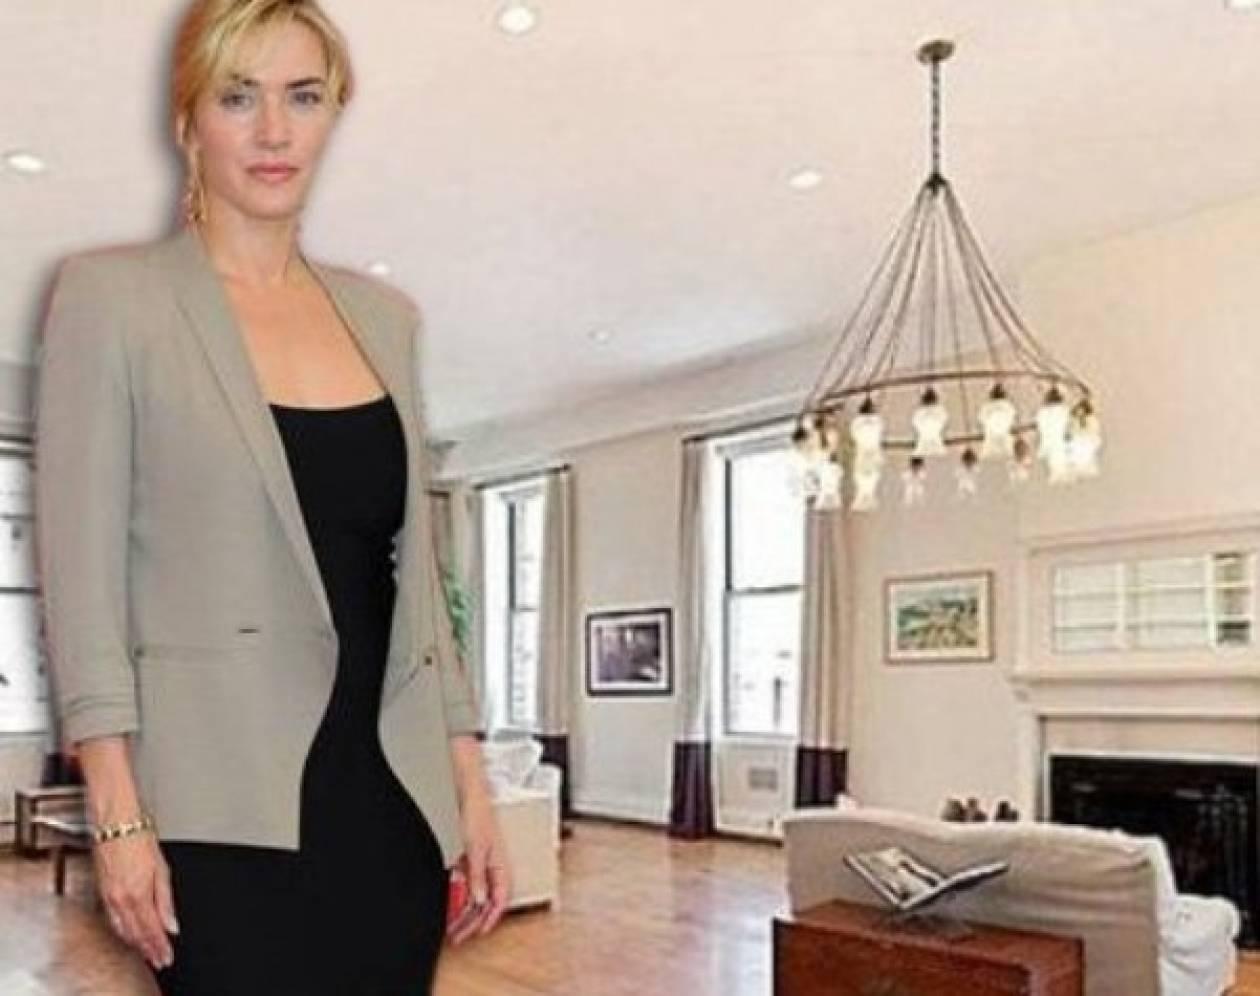 Στο φωτεινό ρετιρέ της Kate Winslet στη Νέα Υόρκη